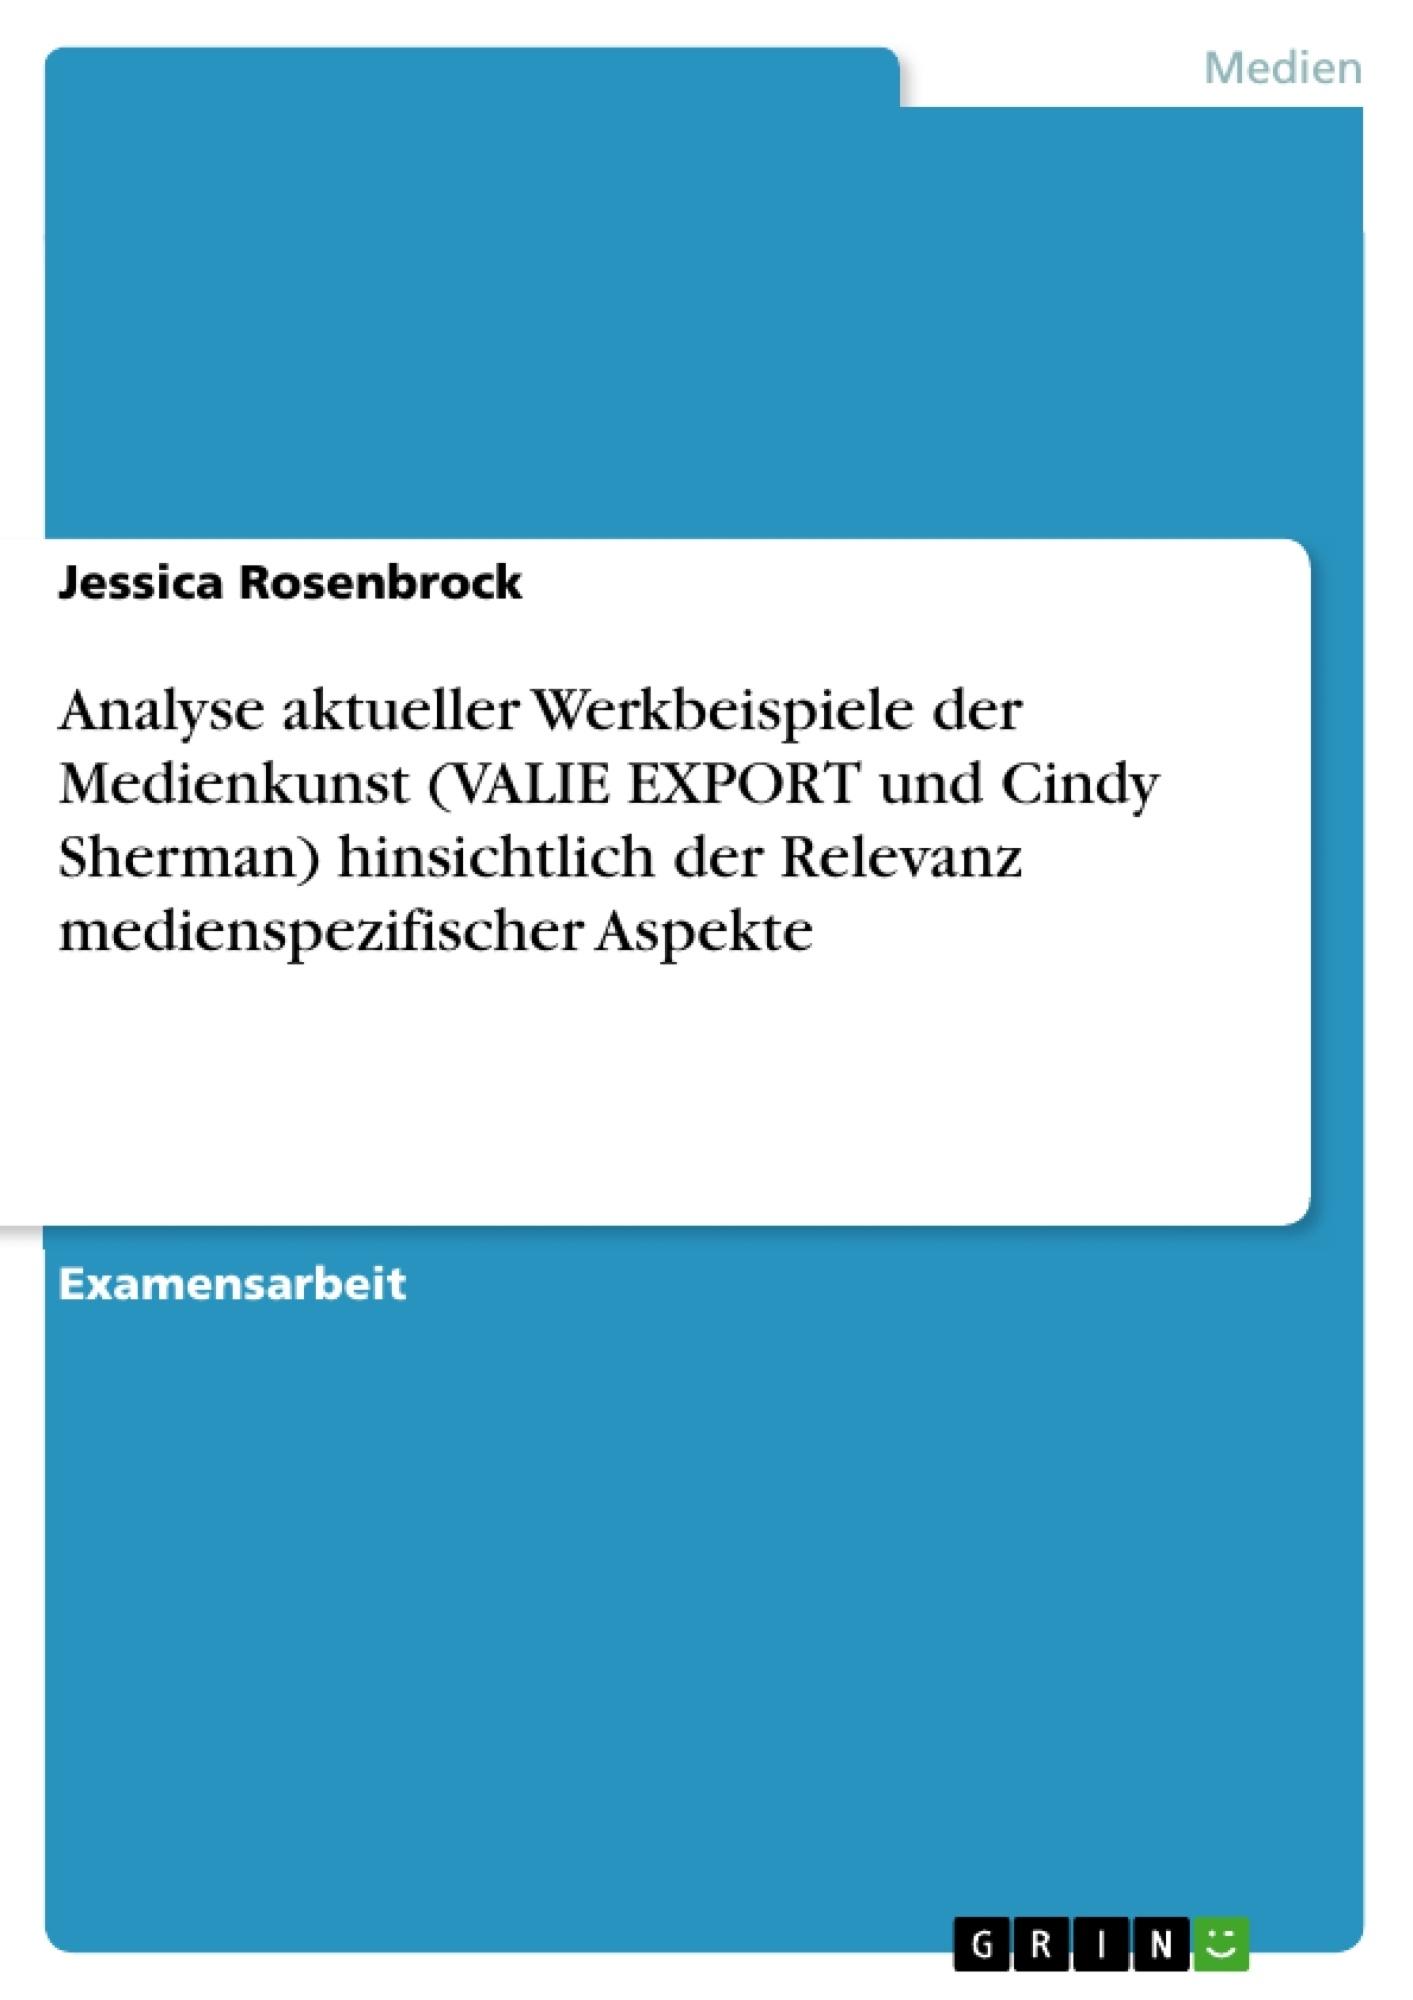 Titel: Analyse aktueller Werkbeispiele der Medienkunst (VALIE EXPORT und Cindy Sherman) hinsichtlich der Relevanz medienspezifischer Aspekte